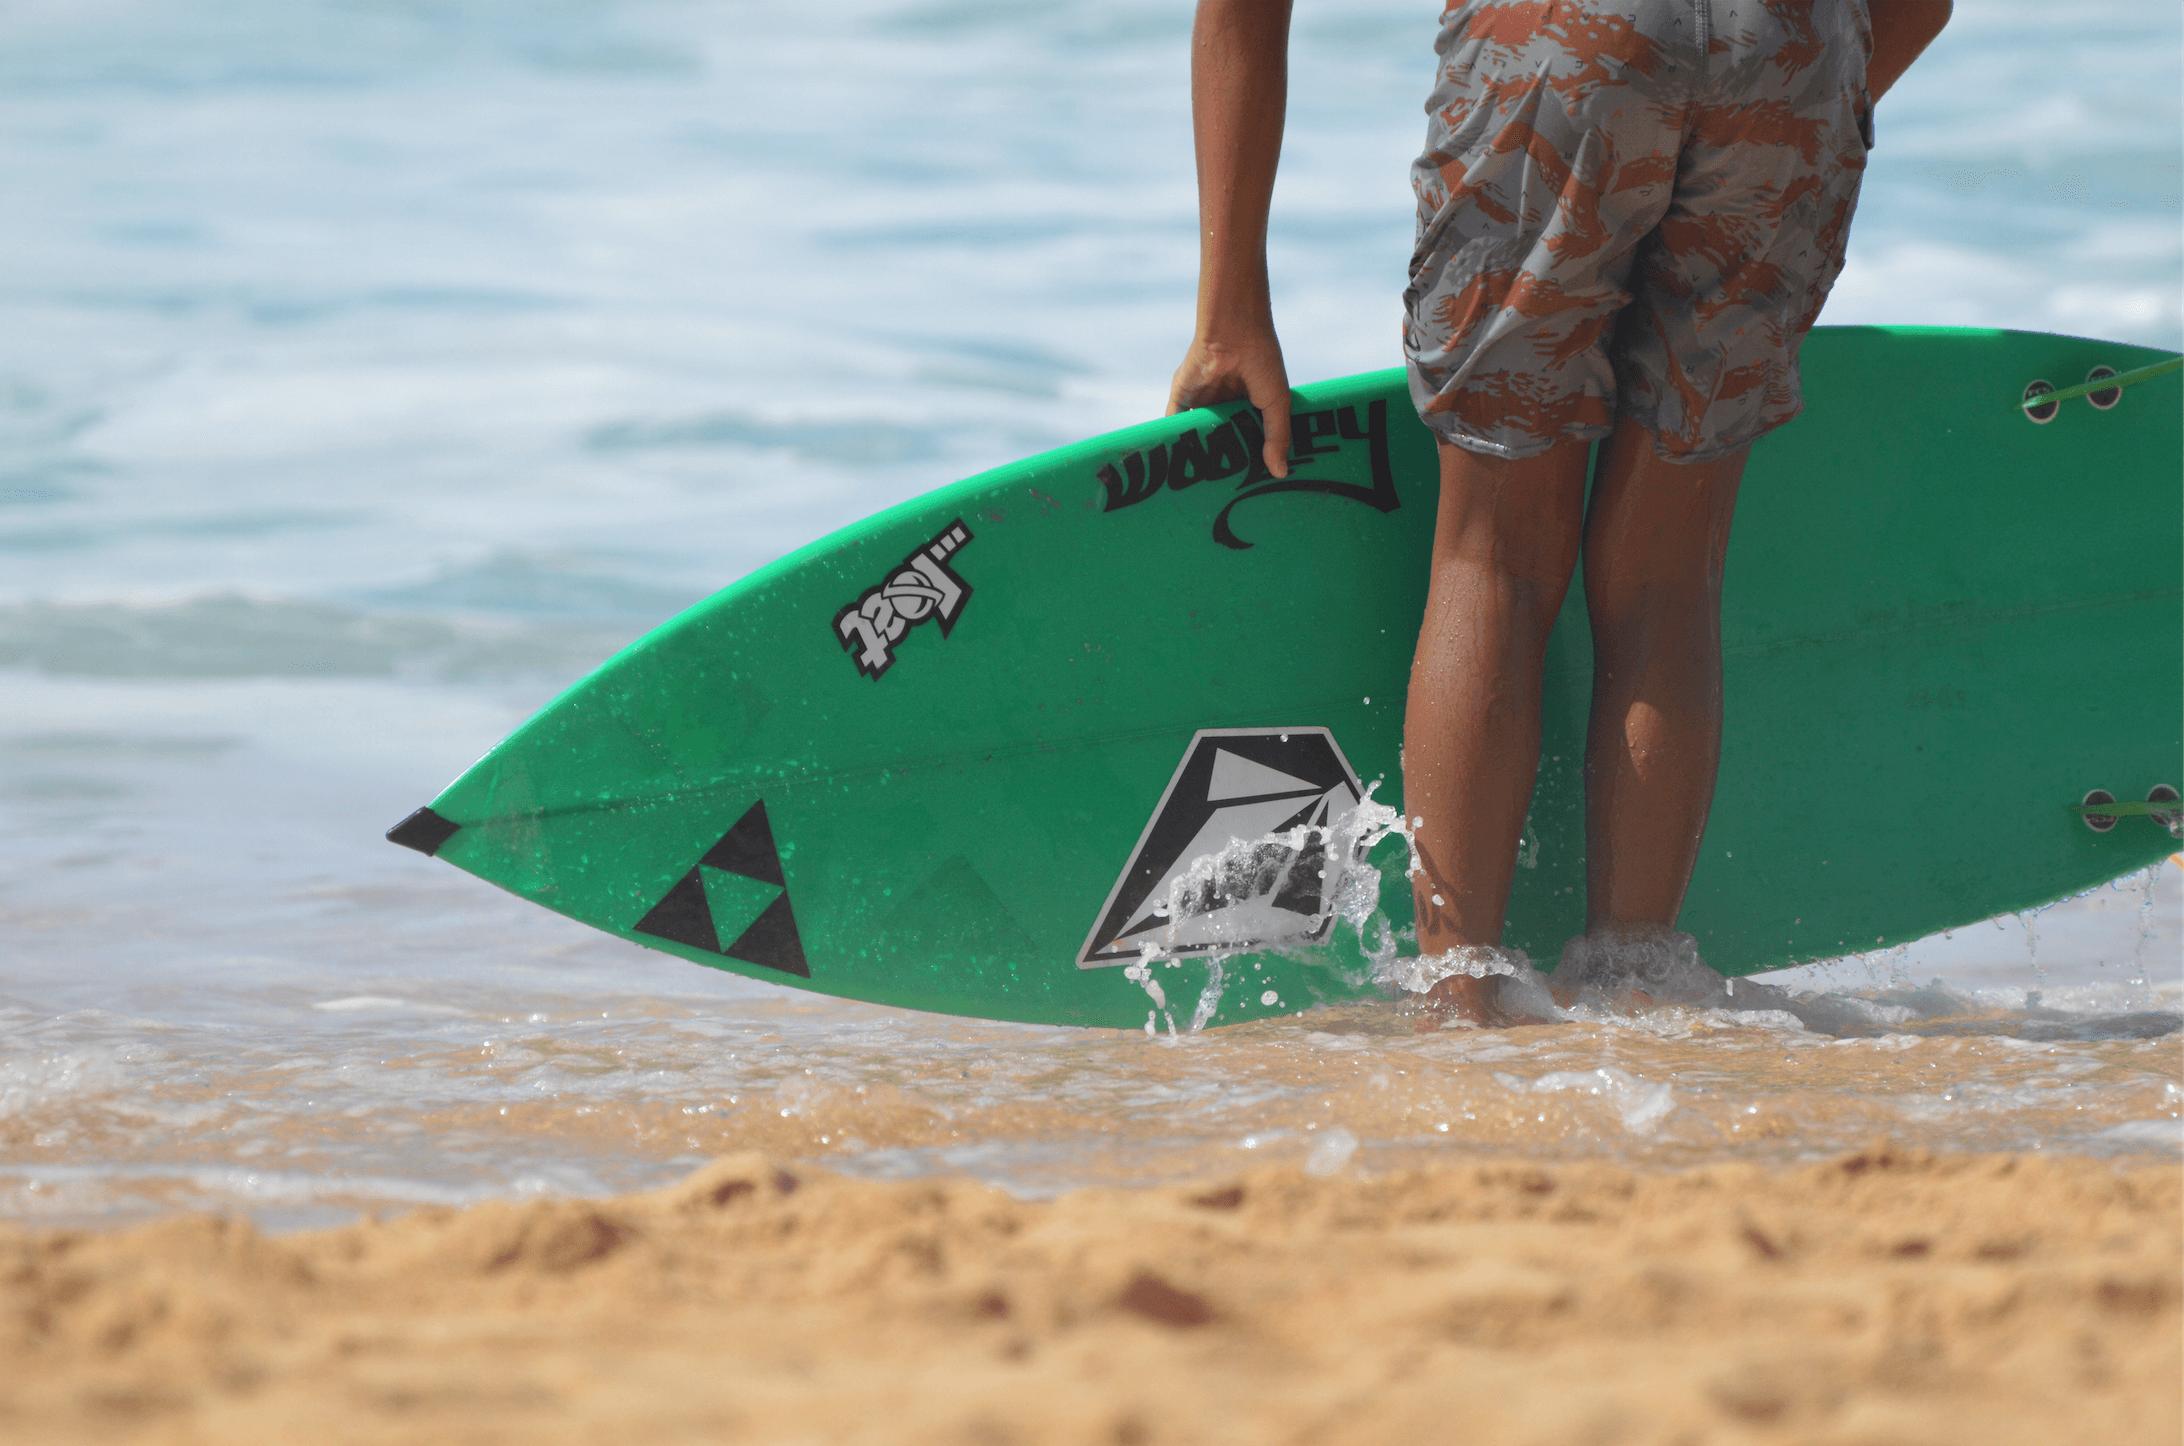 Fra skolebenk til lineup i Hawaii